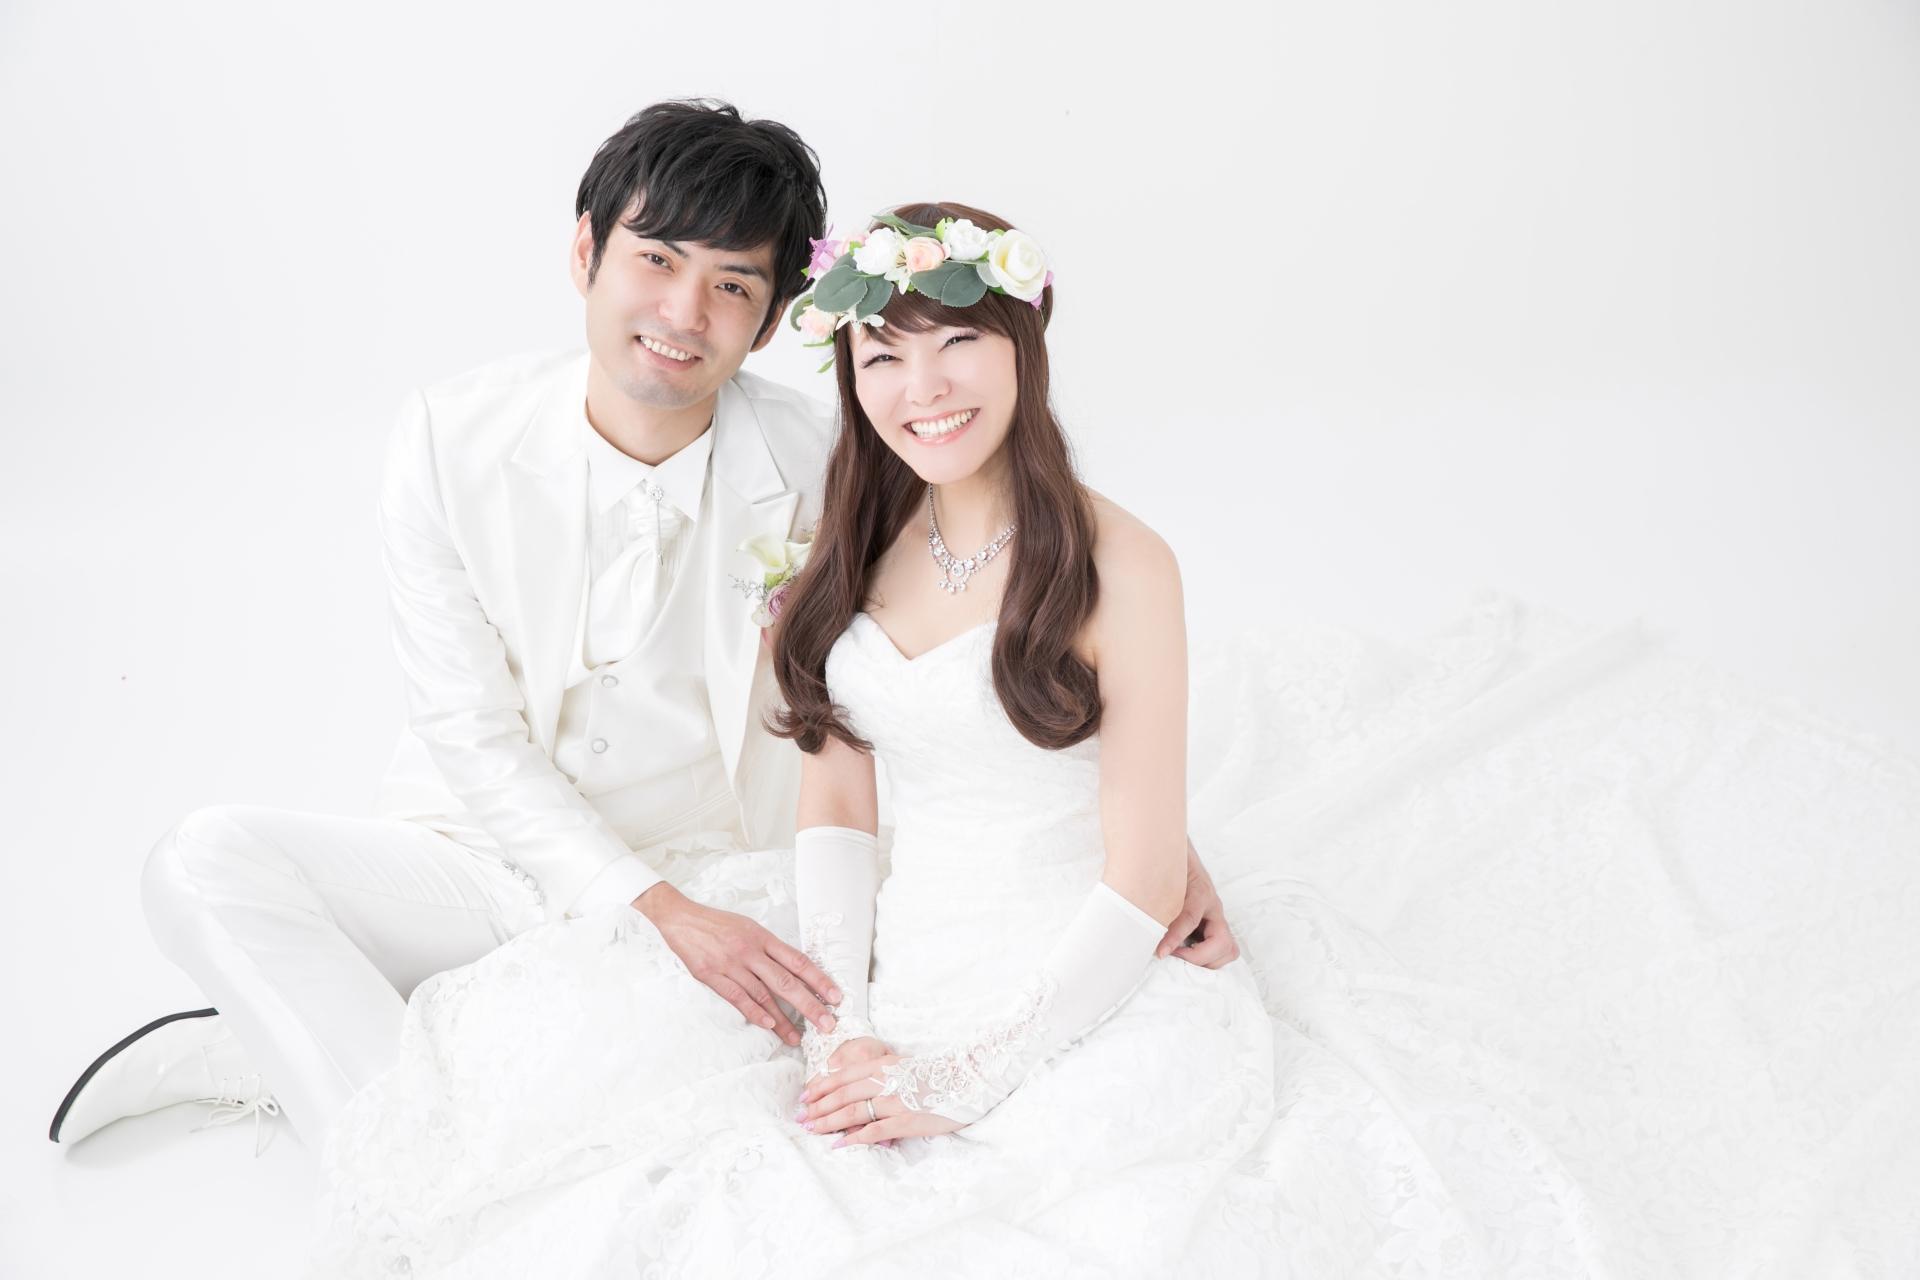 結婚相談所の平均成婚率は8%!サムシングブルーの成婚率は高い!